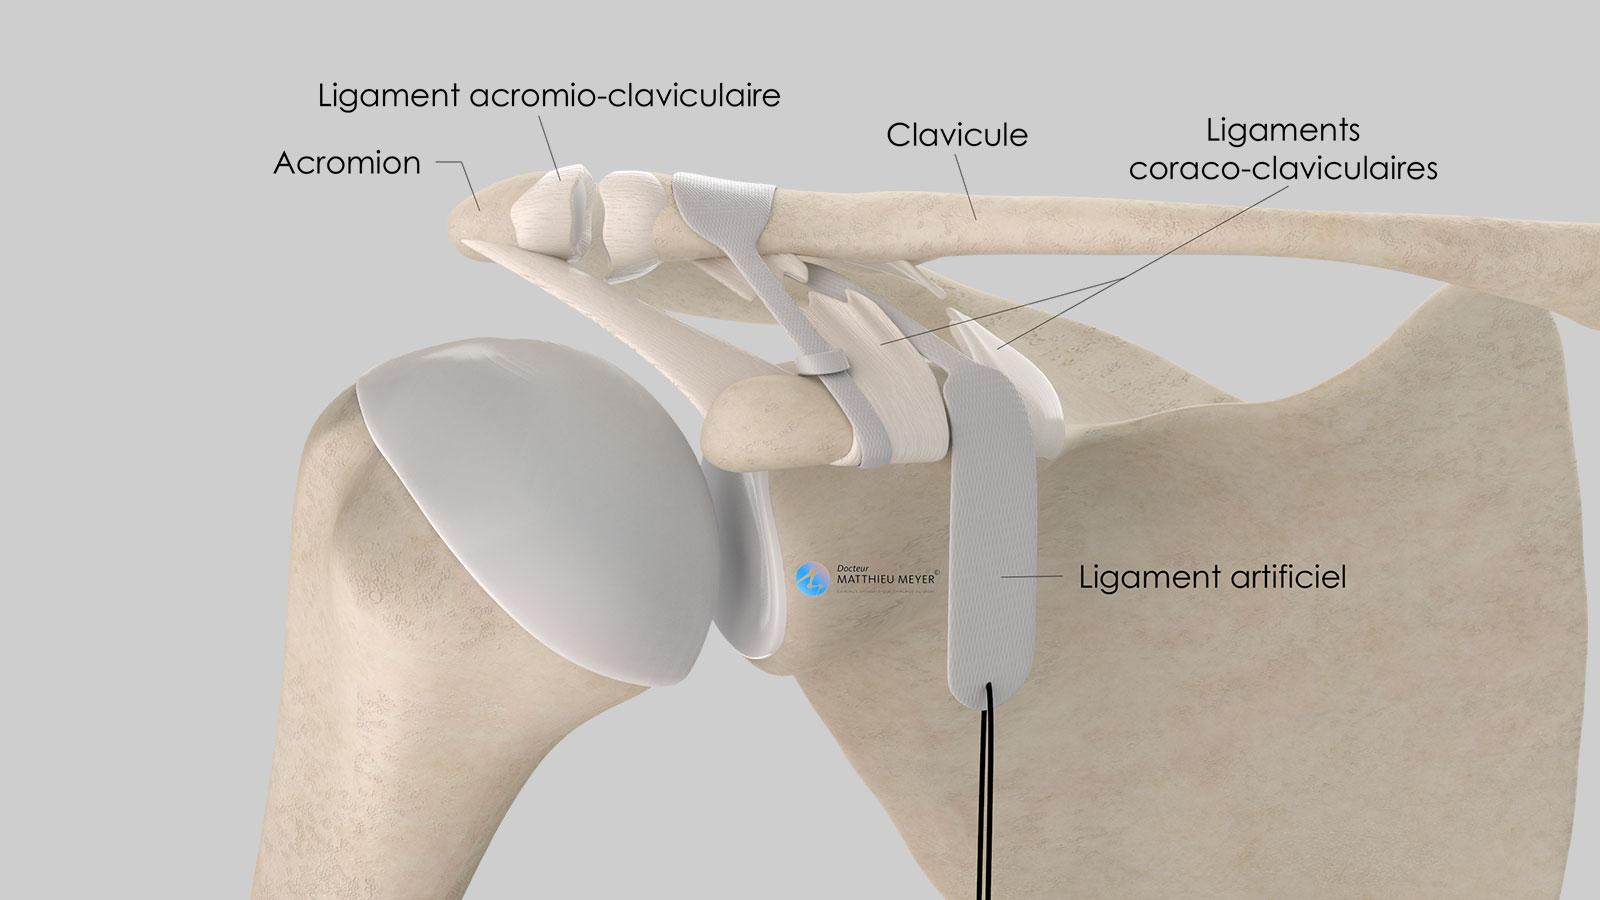 Mise en place du ligament artificiel : solidarisation de la clavicule à la coracoïde (vue antérieure)